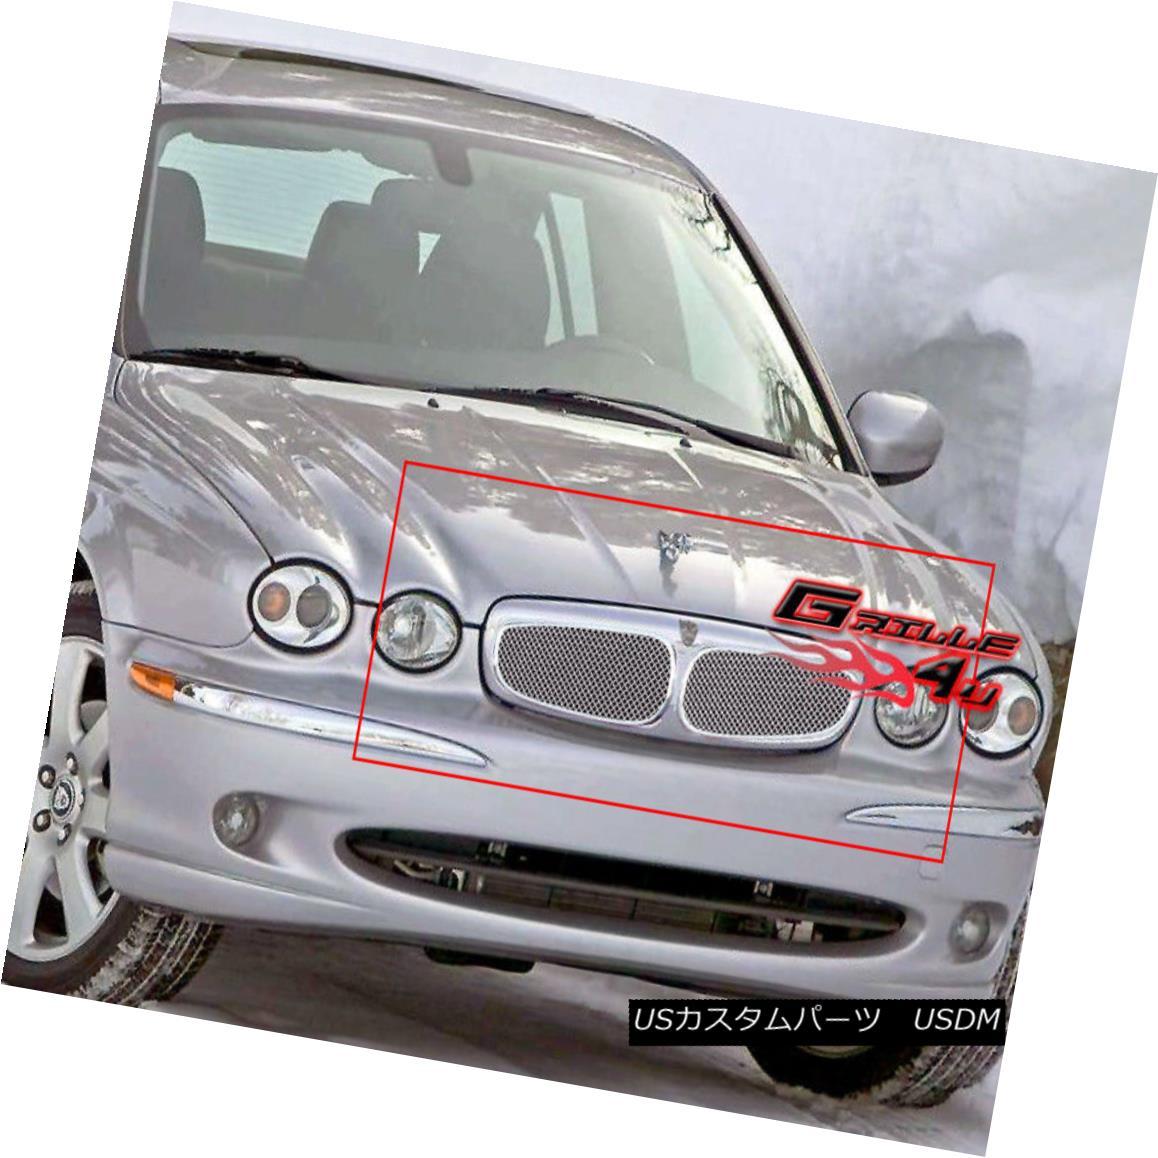 グリル Fits 2002-2006 Jaguar X Type Stainless Mesh Grille Insert 2002-2006 Jaguar X Typeステンレスメッシュグリルインサート